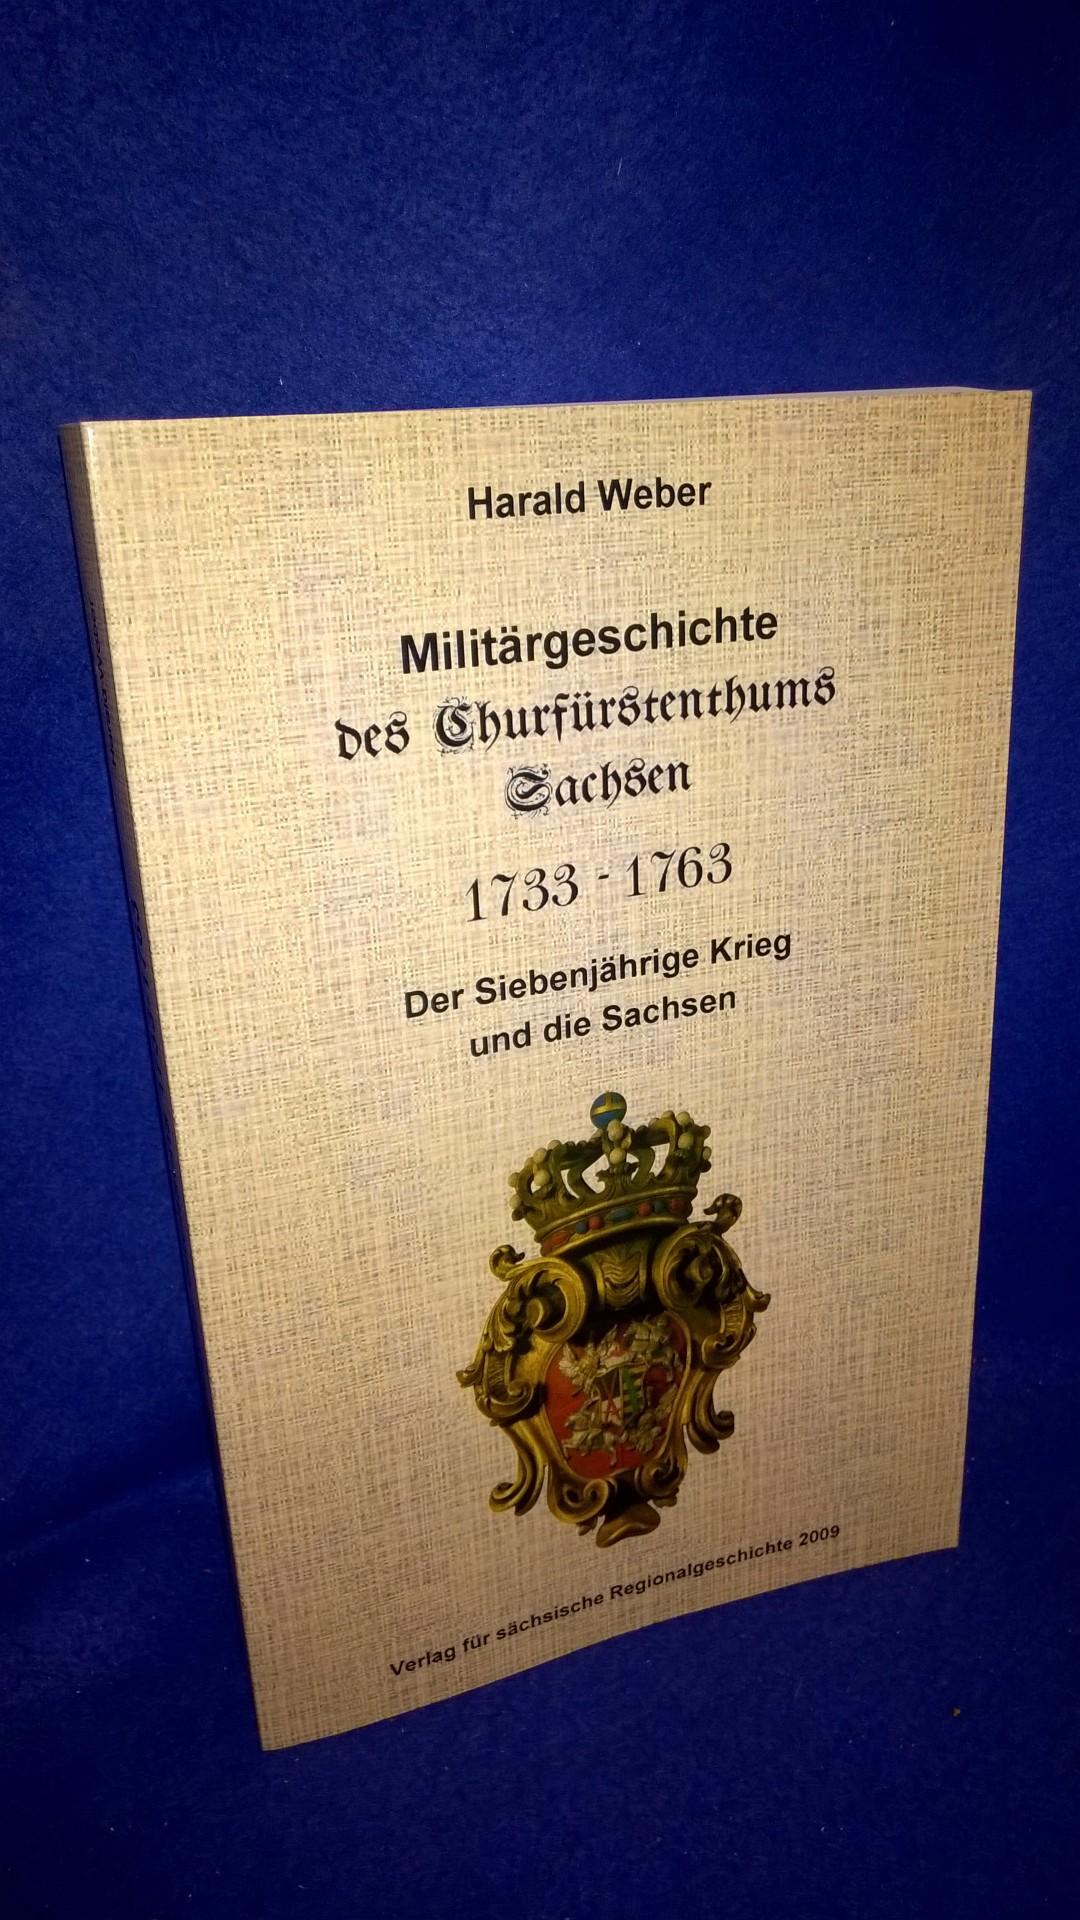 Militärgeschichte des Churfürstenthums Sachsen. 1733-1763. Der Siebenjährige Krieg und die Sachsen.